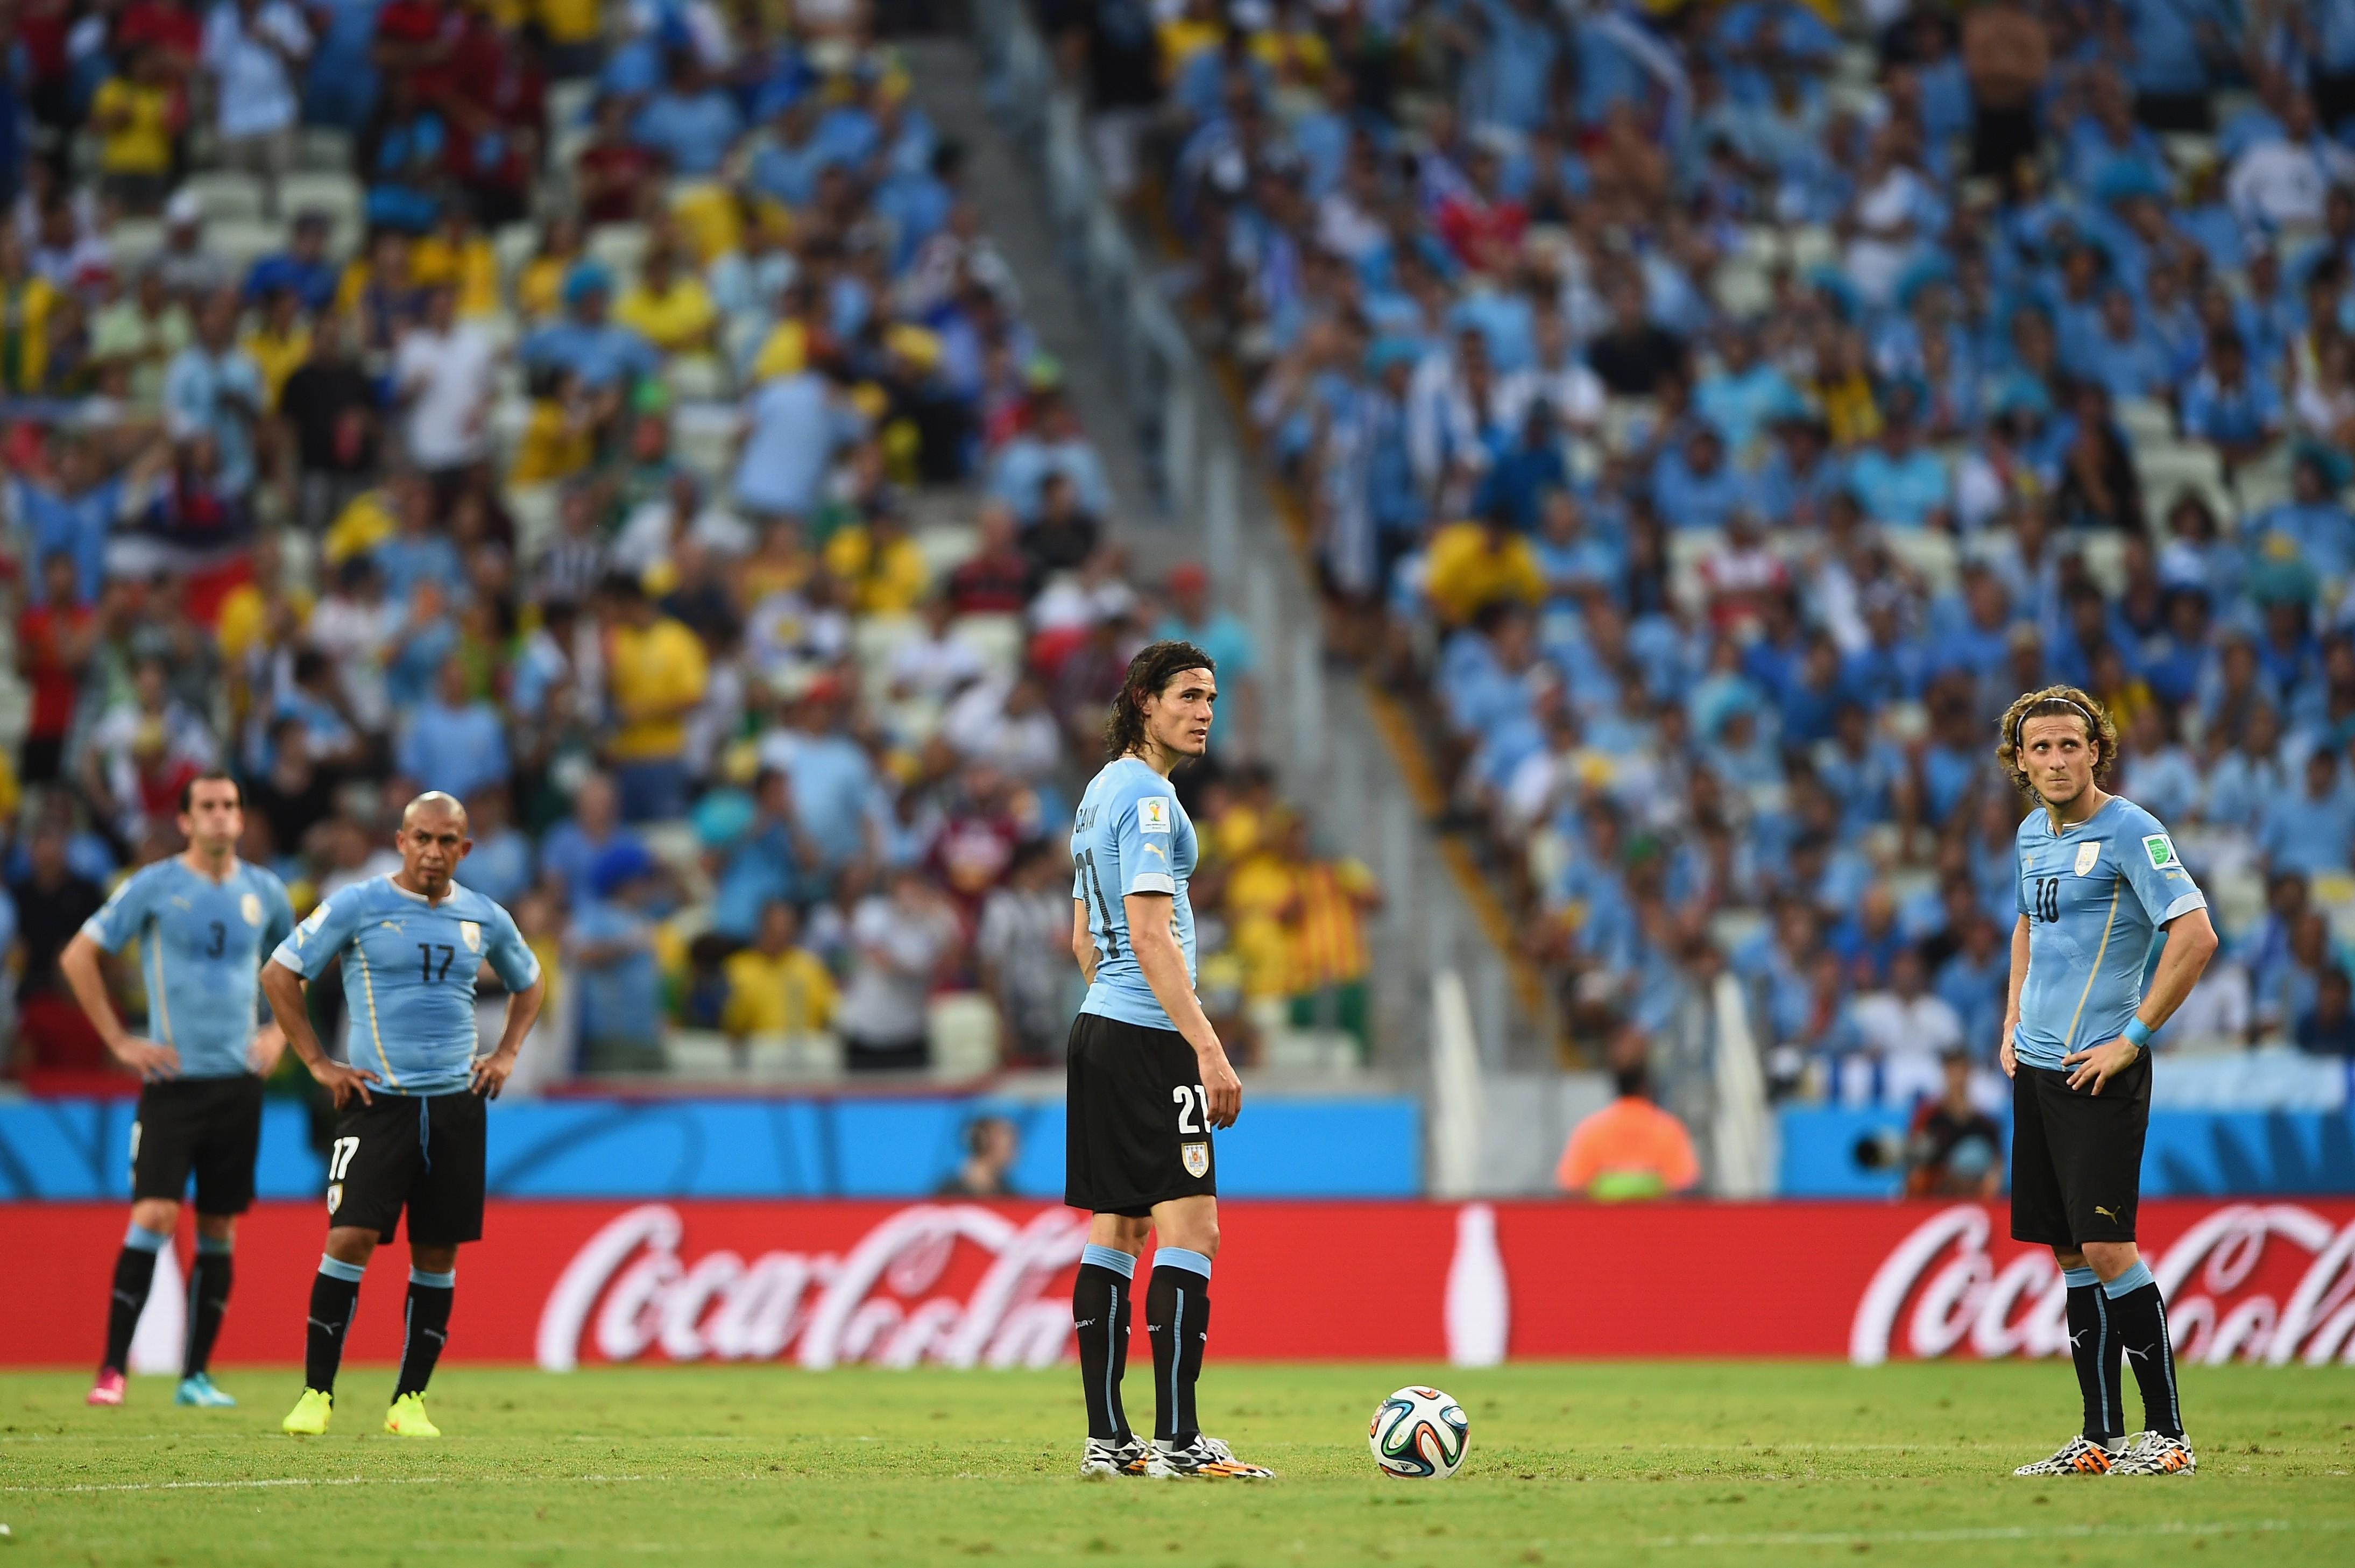 Уругвай - Коста-Рика 1:3. Мат в три хода - изображение 5